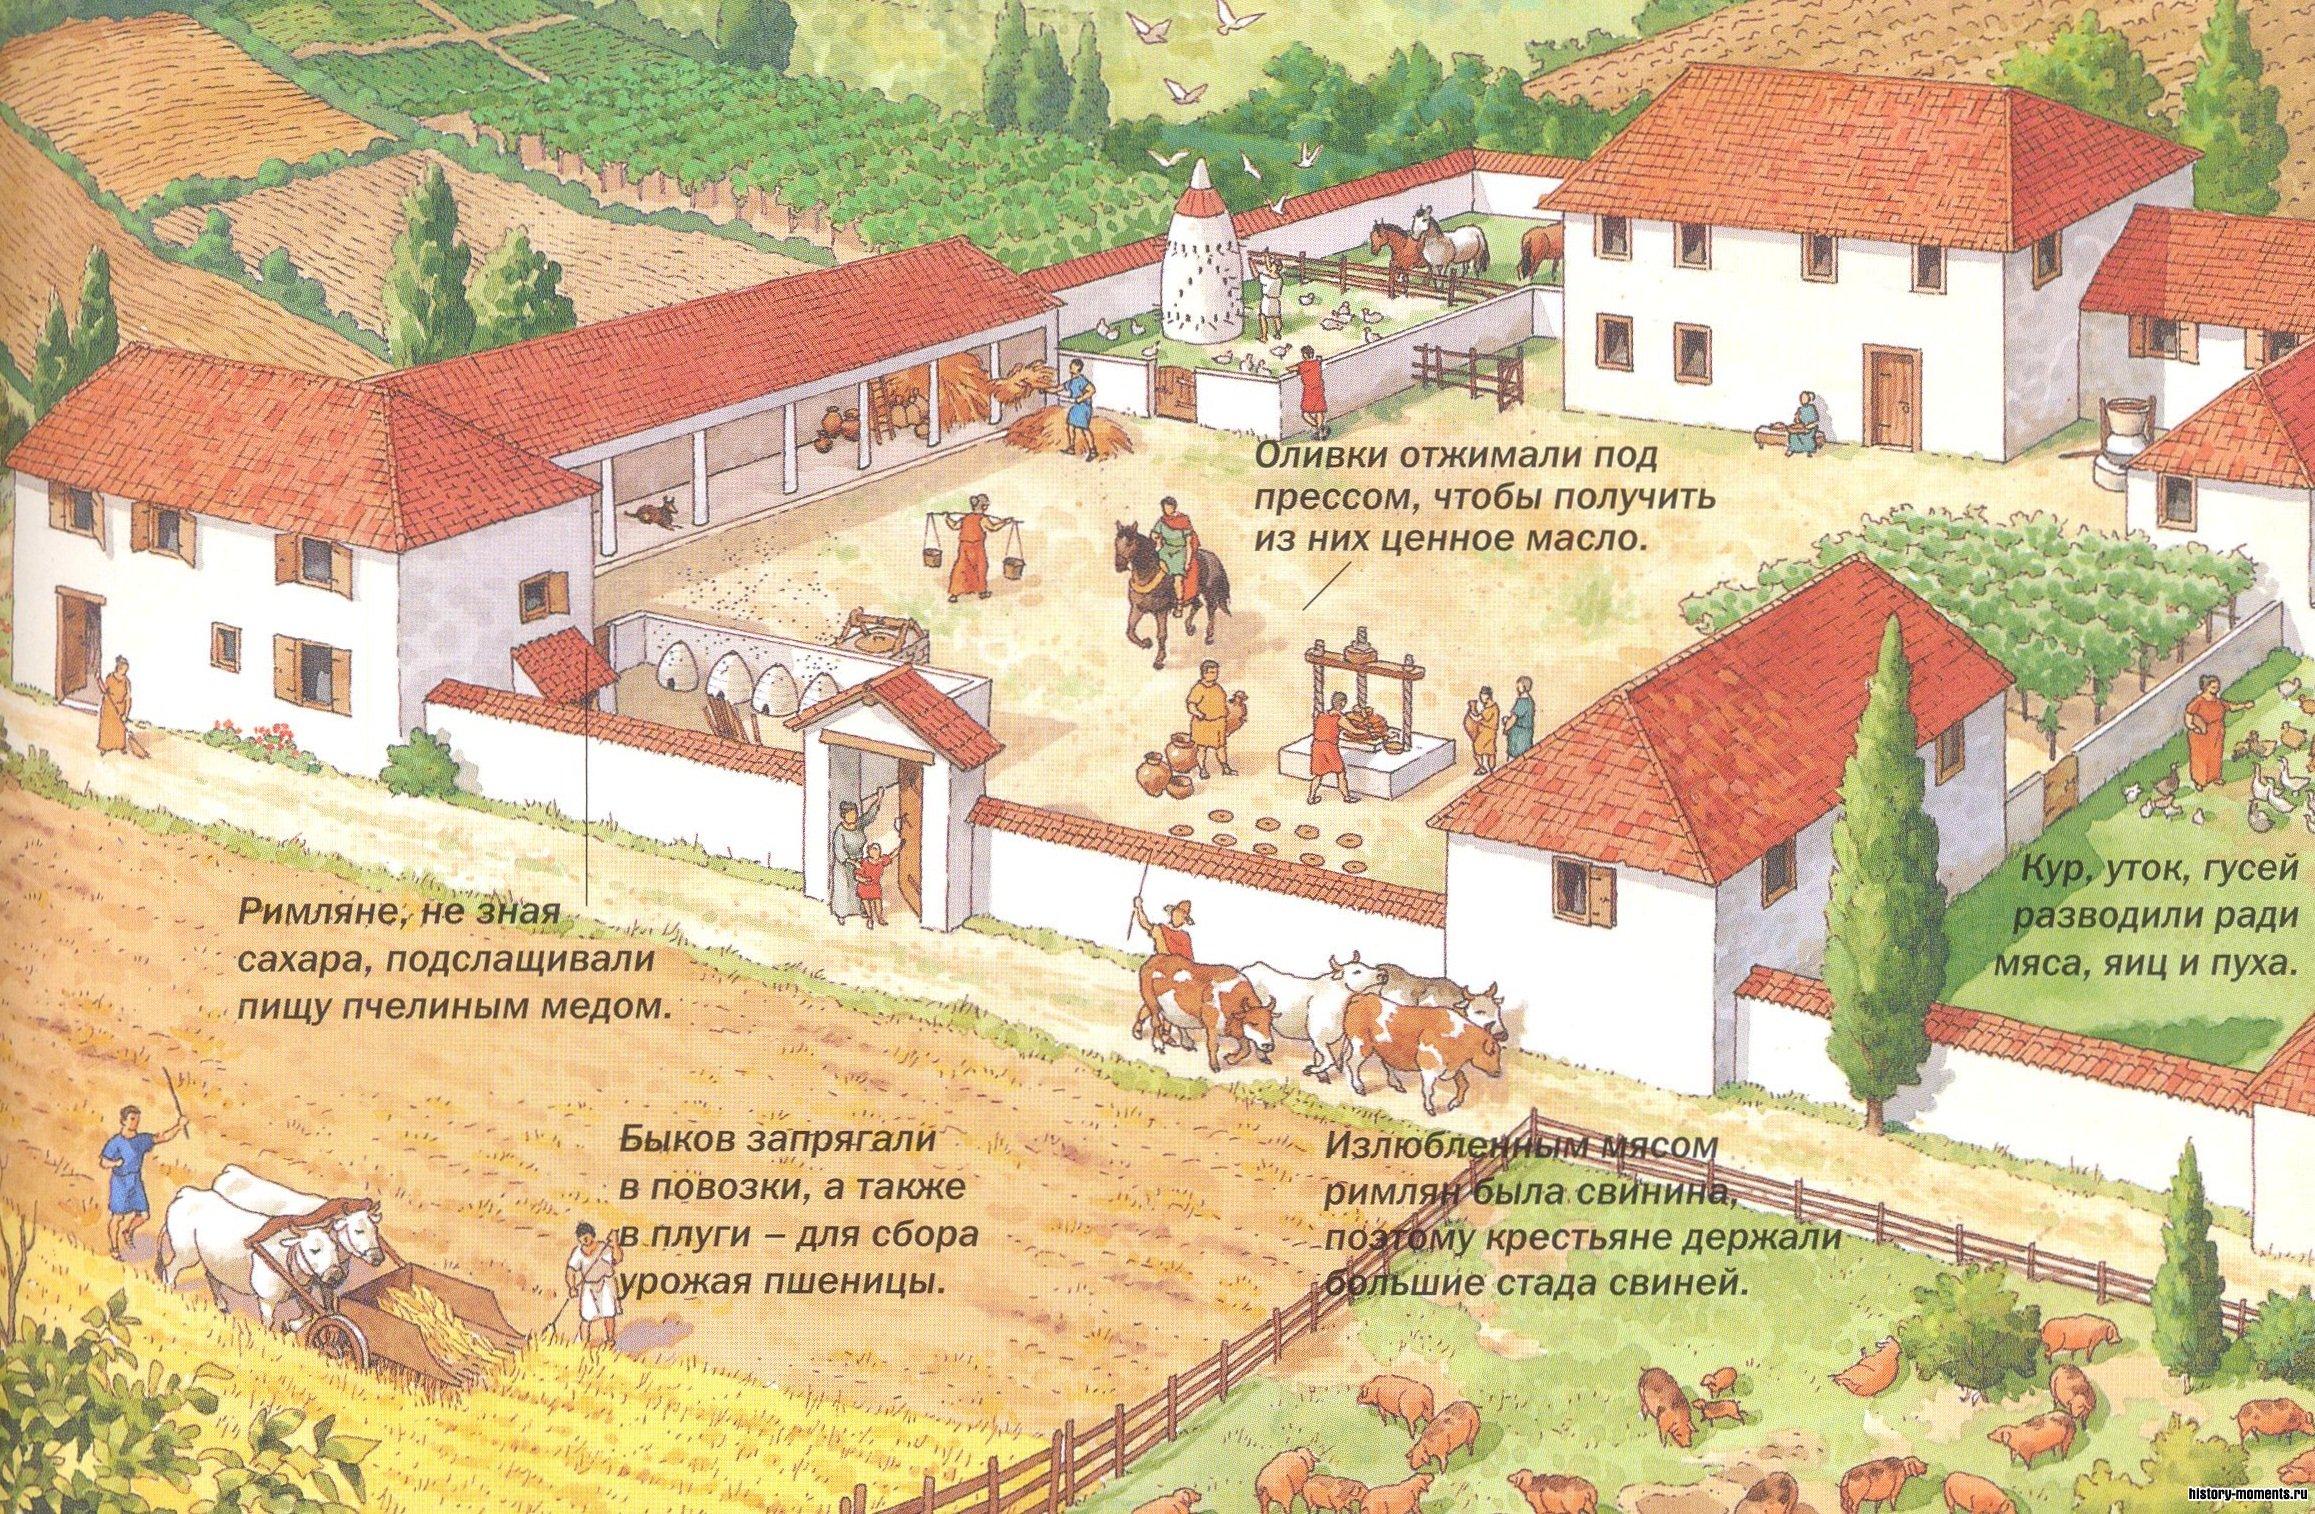 Земледельцы выращивали бобы и многие овощи, в том числе салат, редис, морковь.